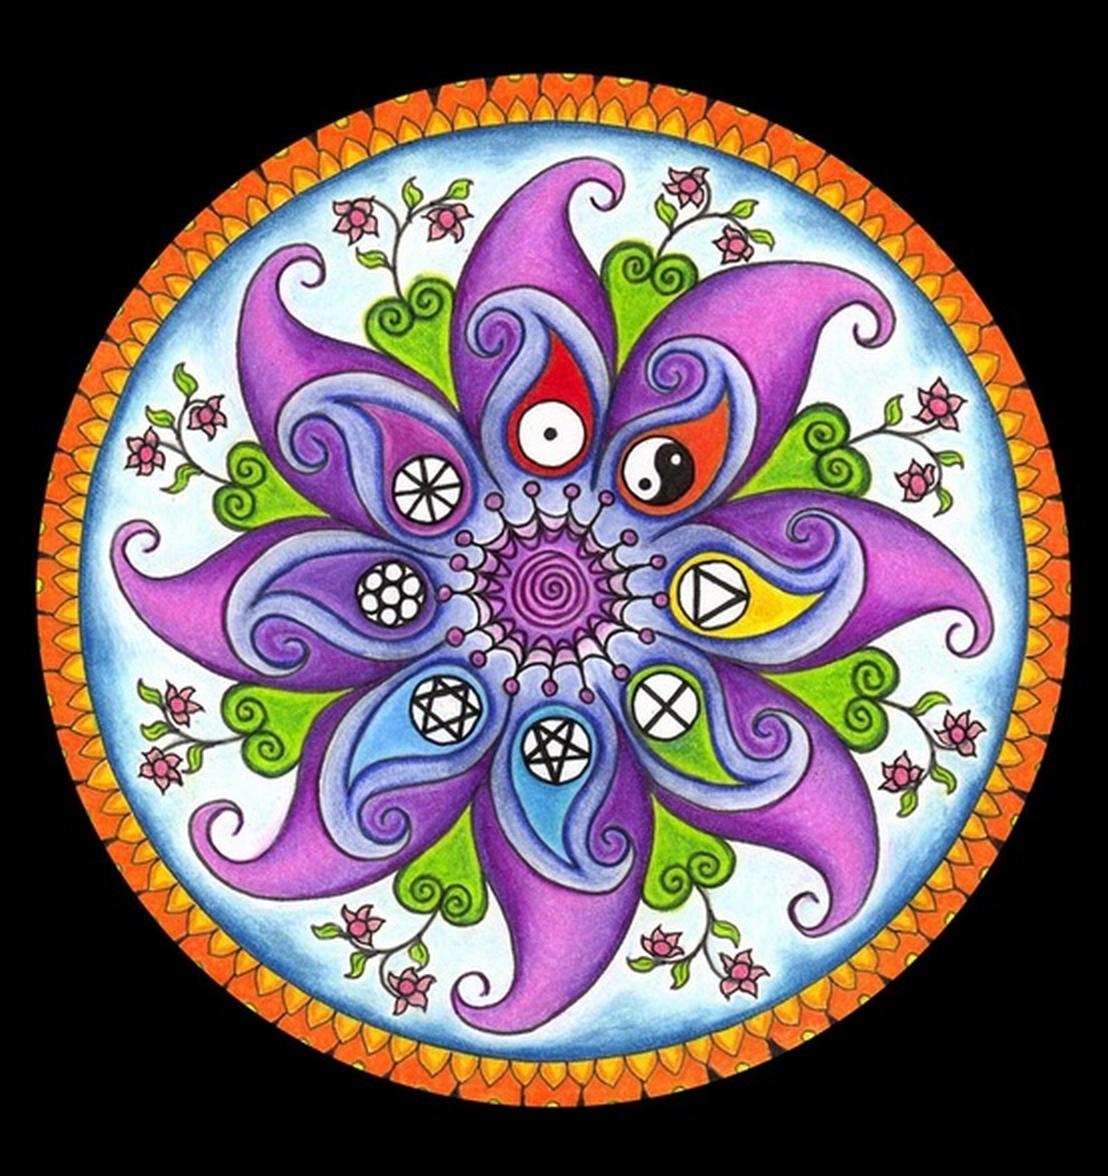 Emocionalmente ov rica significado de los m ndalas - Colores para mandalas ...